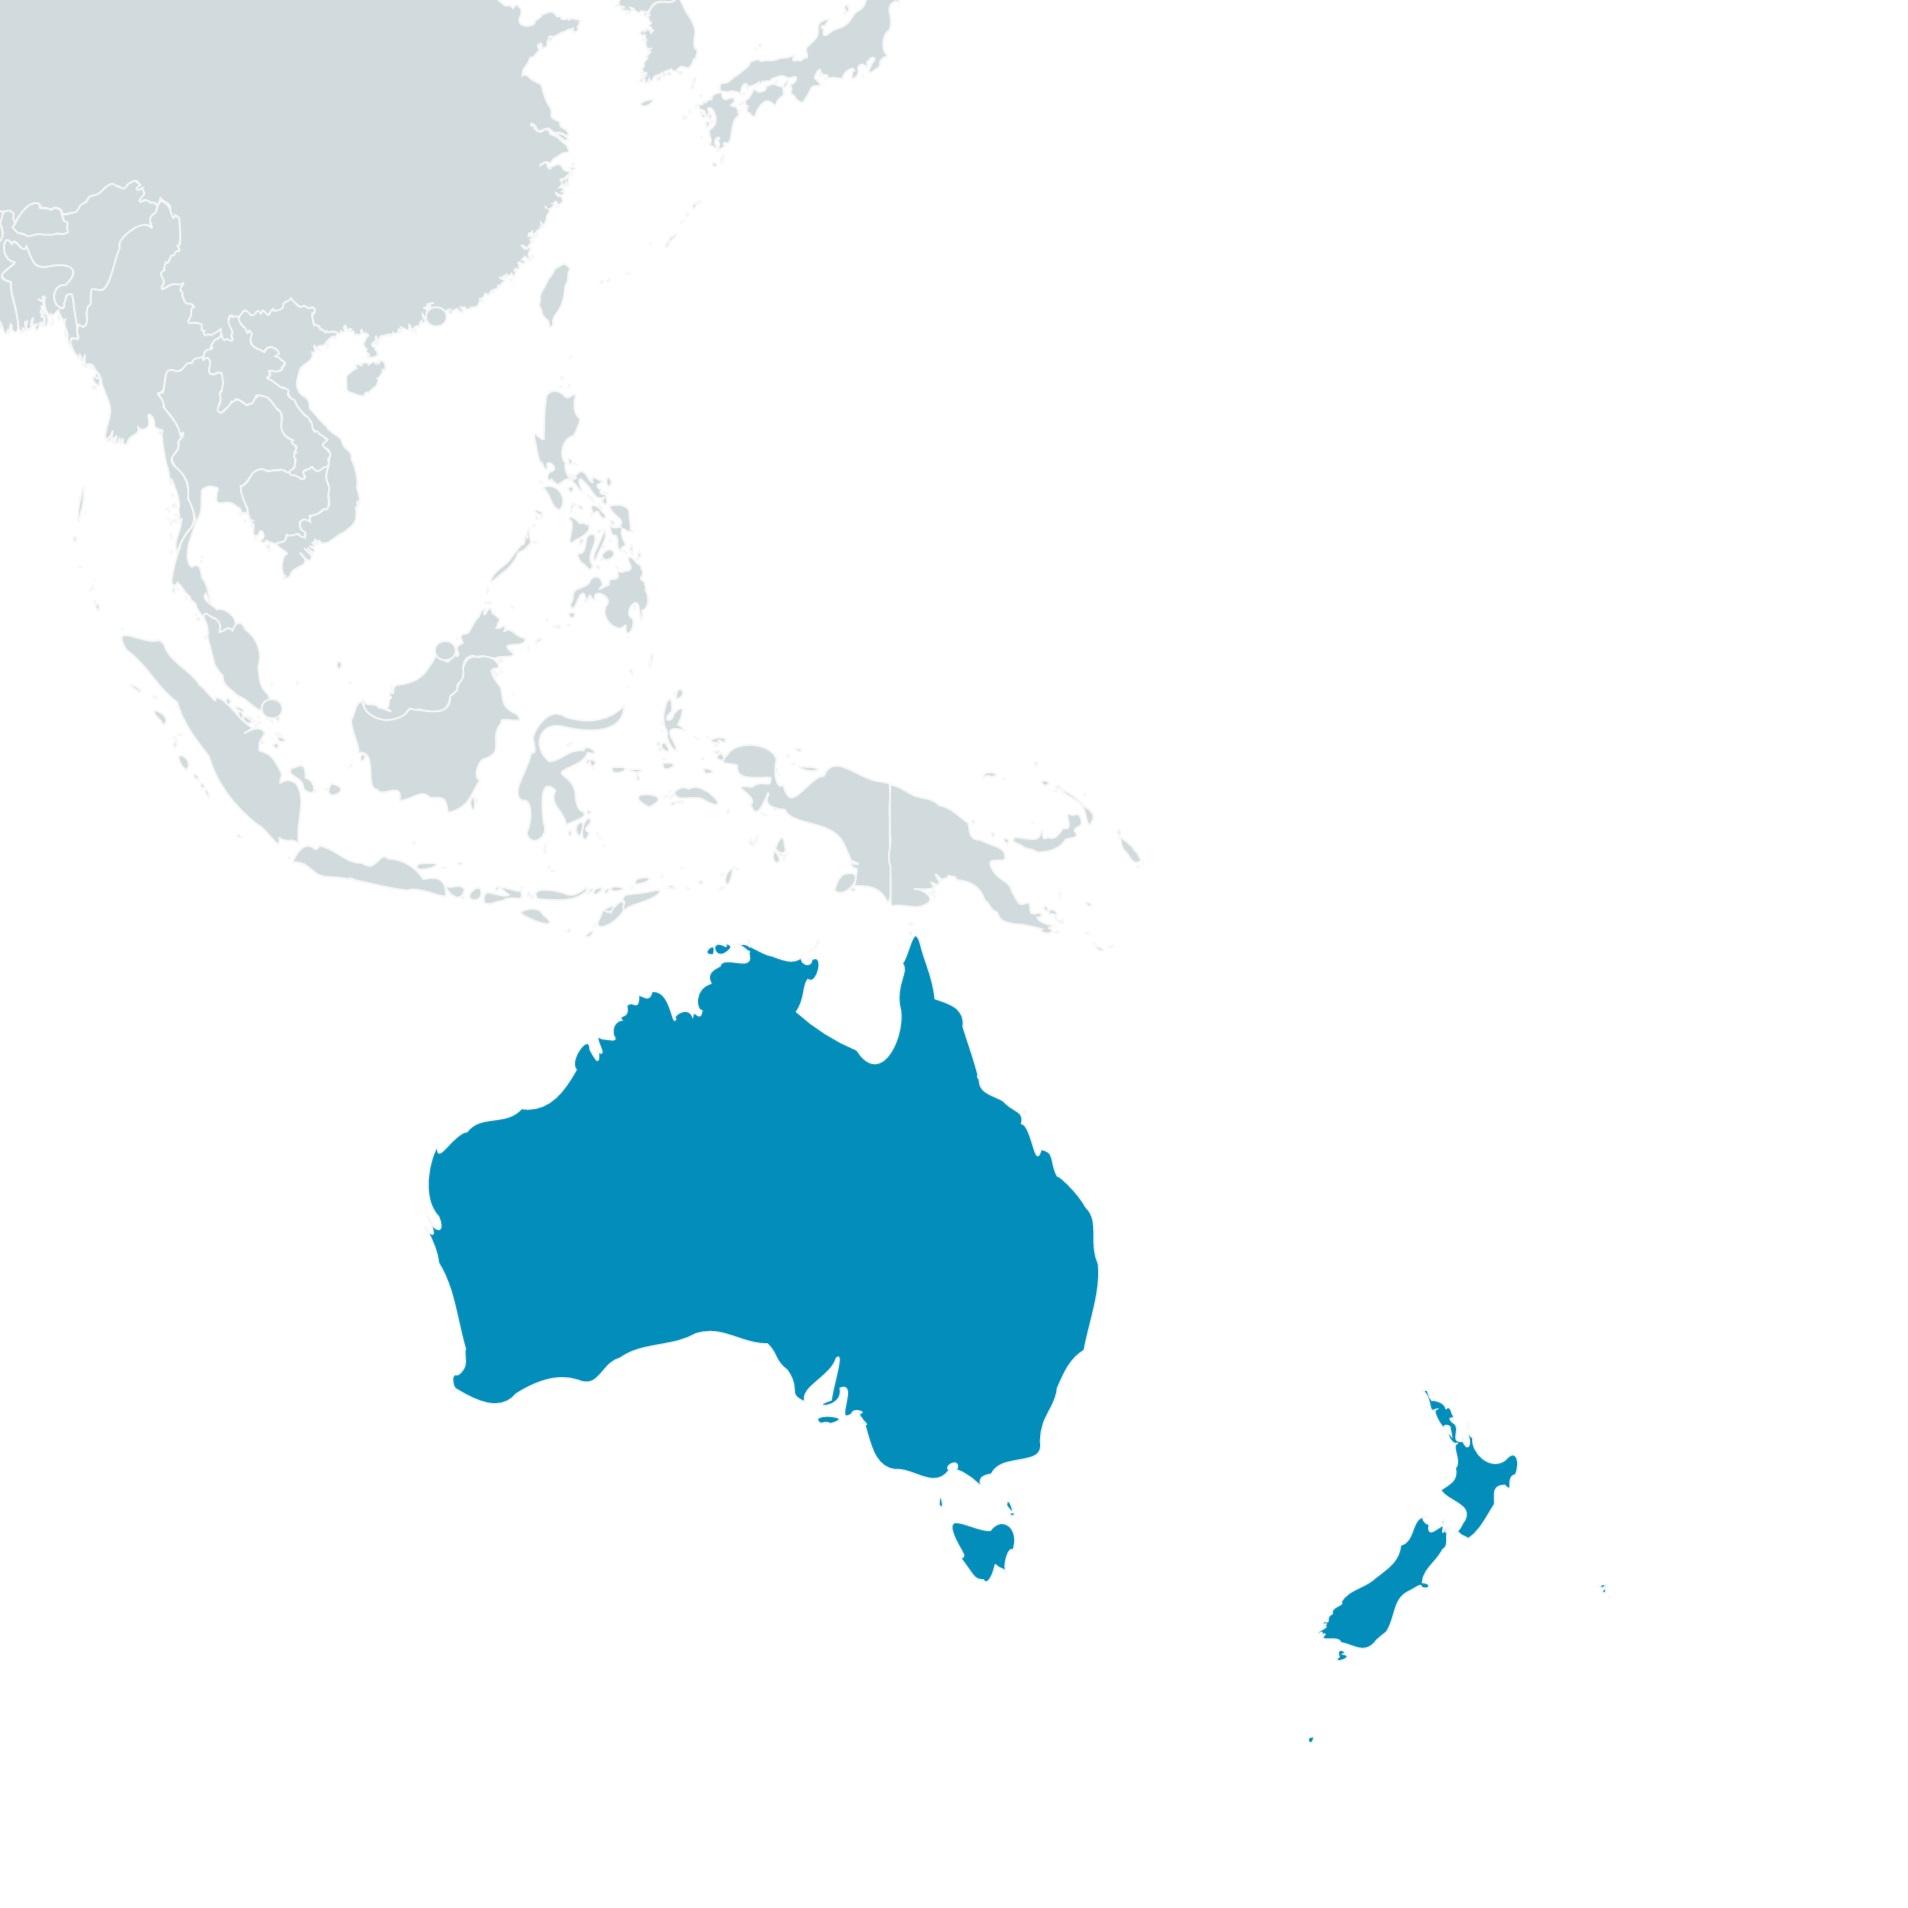 Australia+Map.jpg